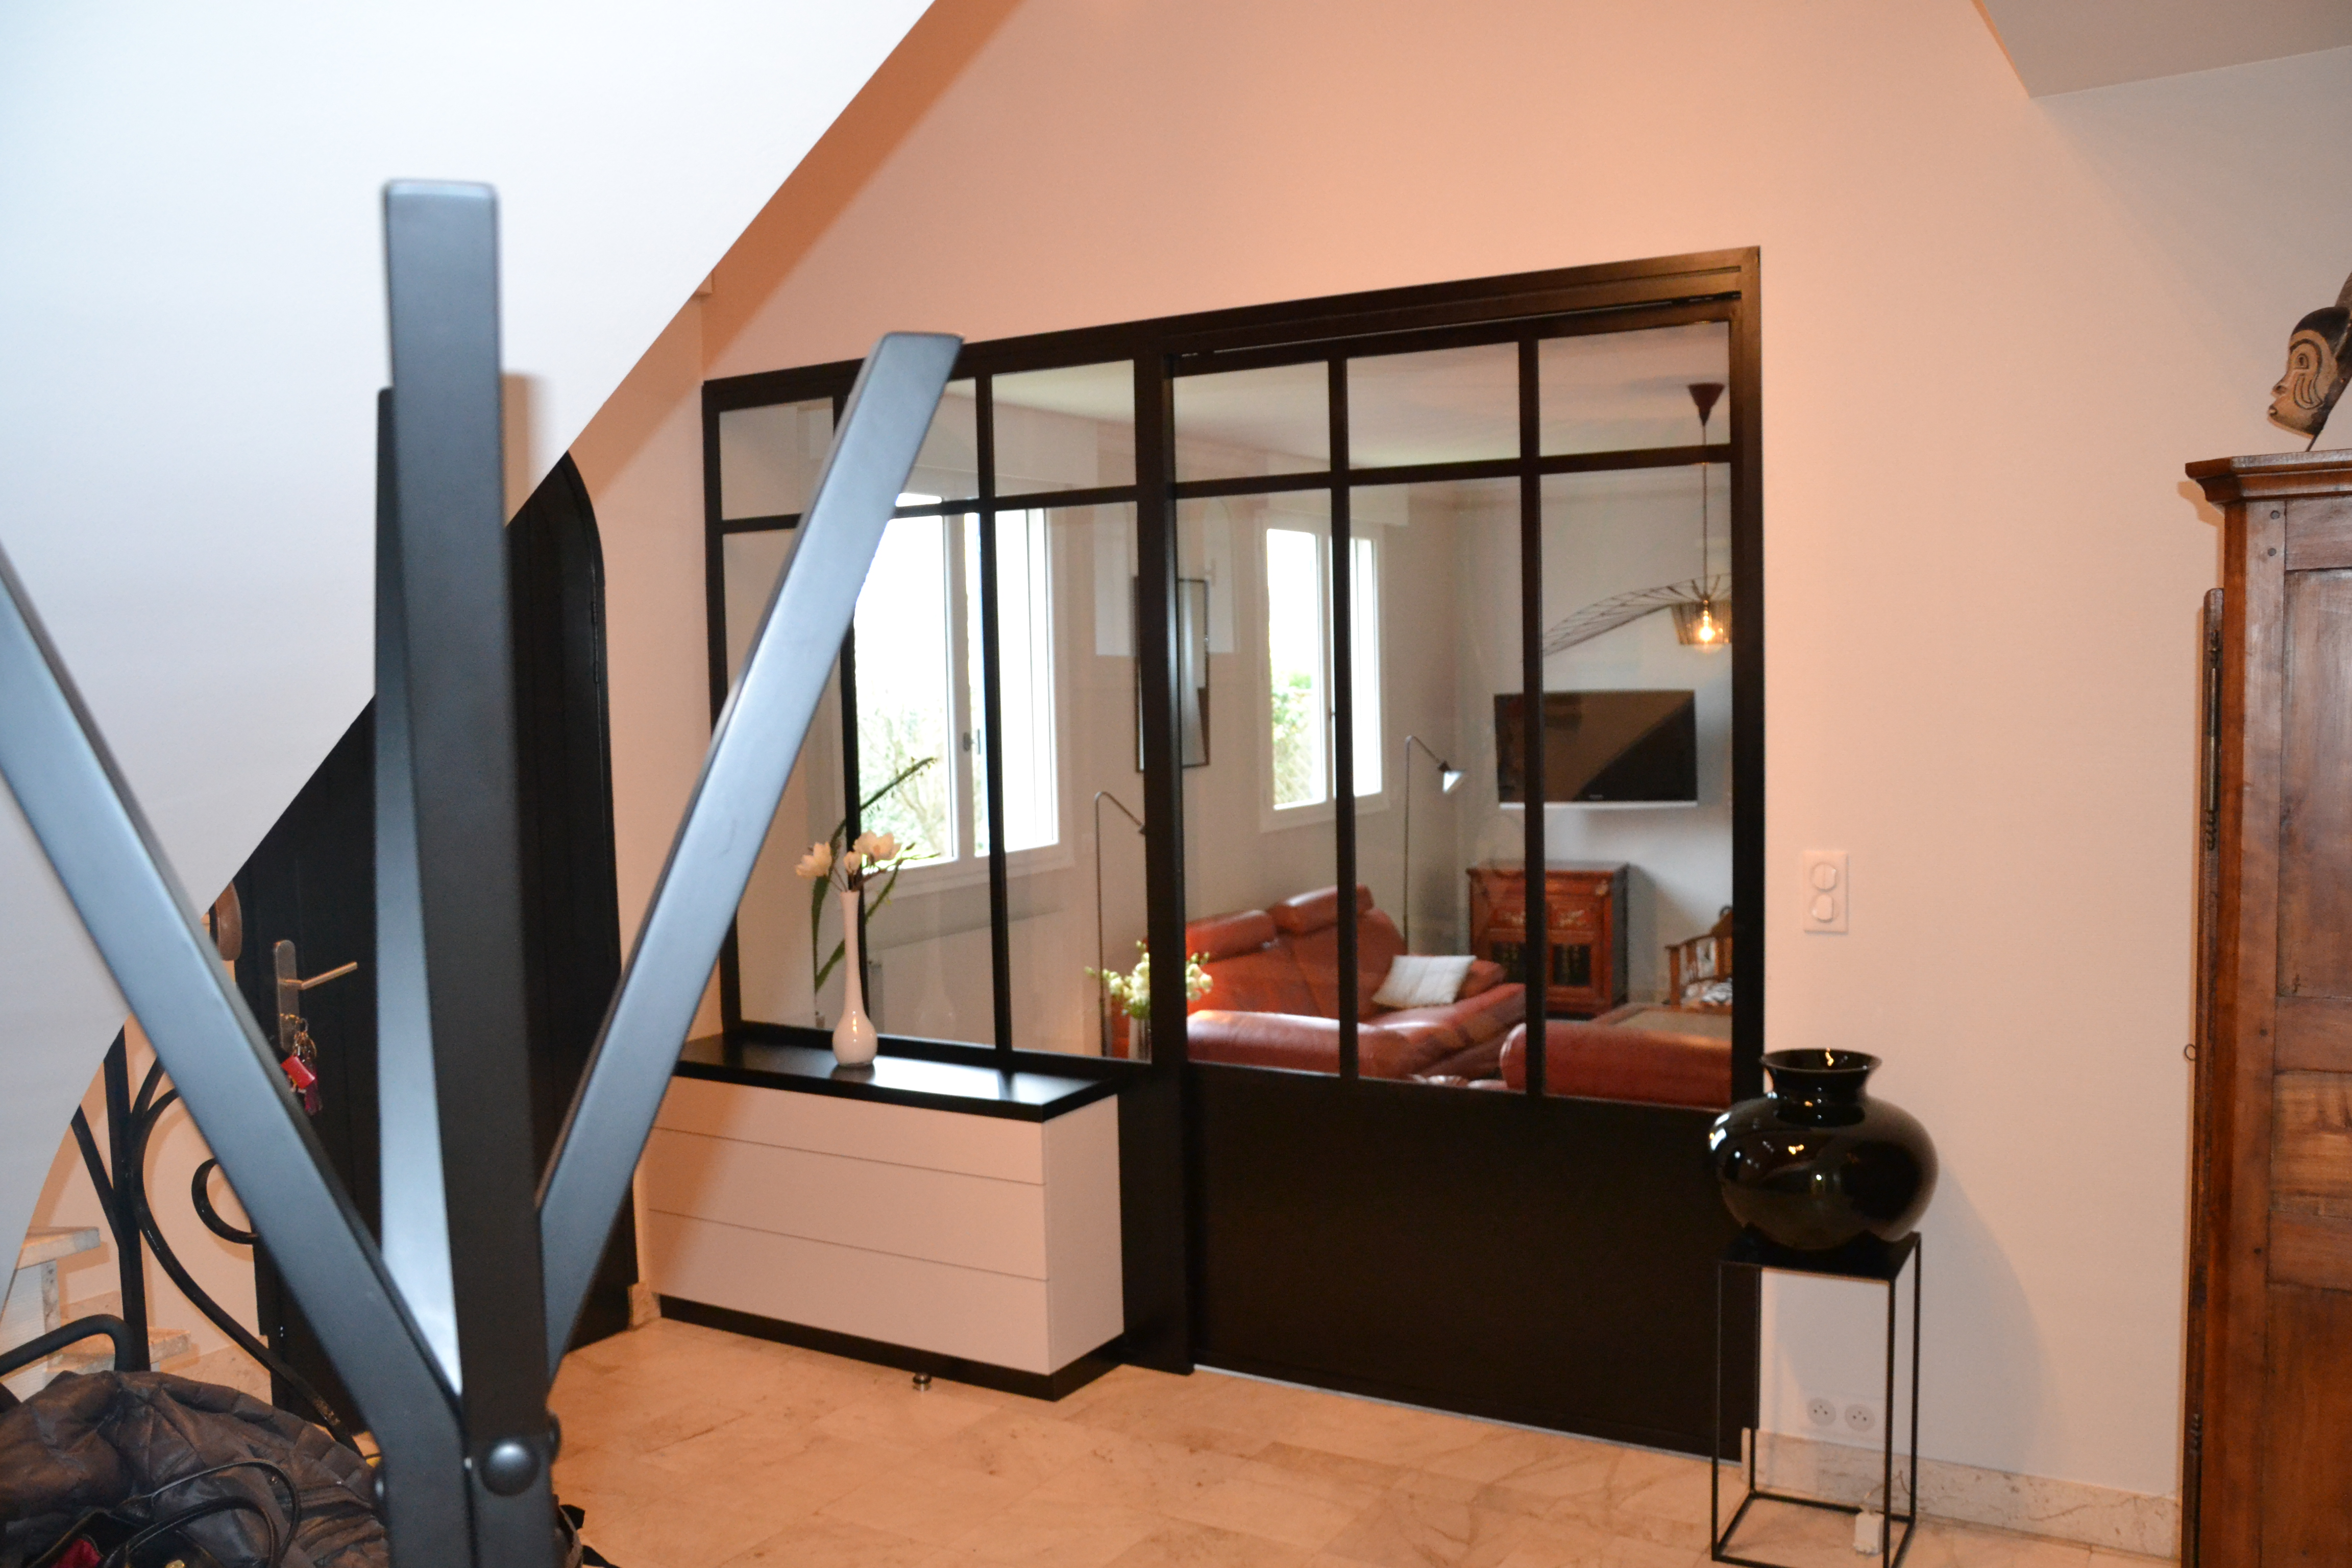 maison déco rouge et noire - 3 - geraldine fourny - decoratrice - Rezé - 44